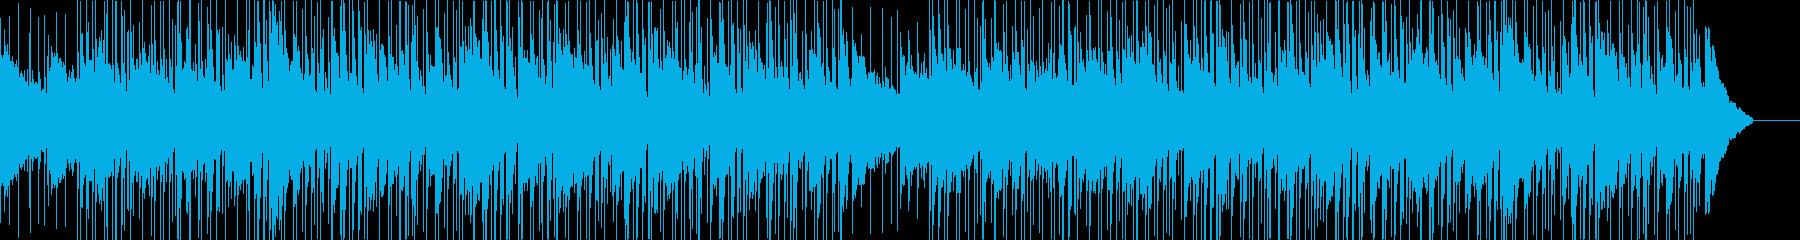 【メロディ無し】シンプルでクリーンな印象の再生済みの波形